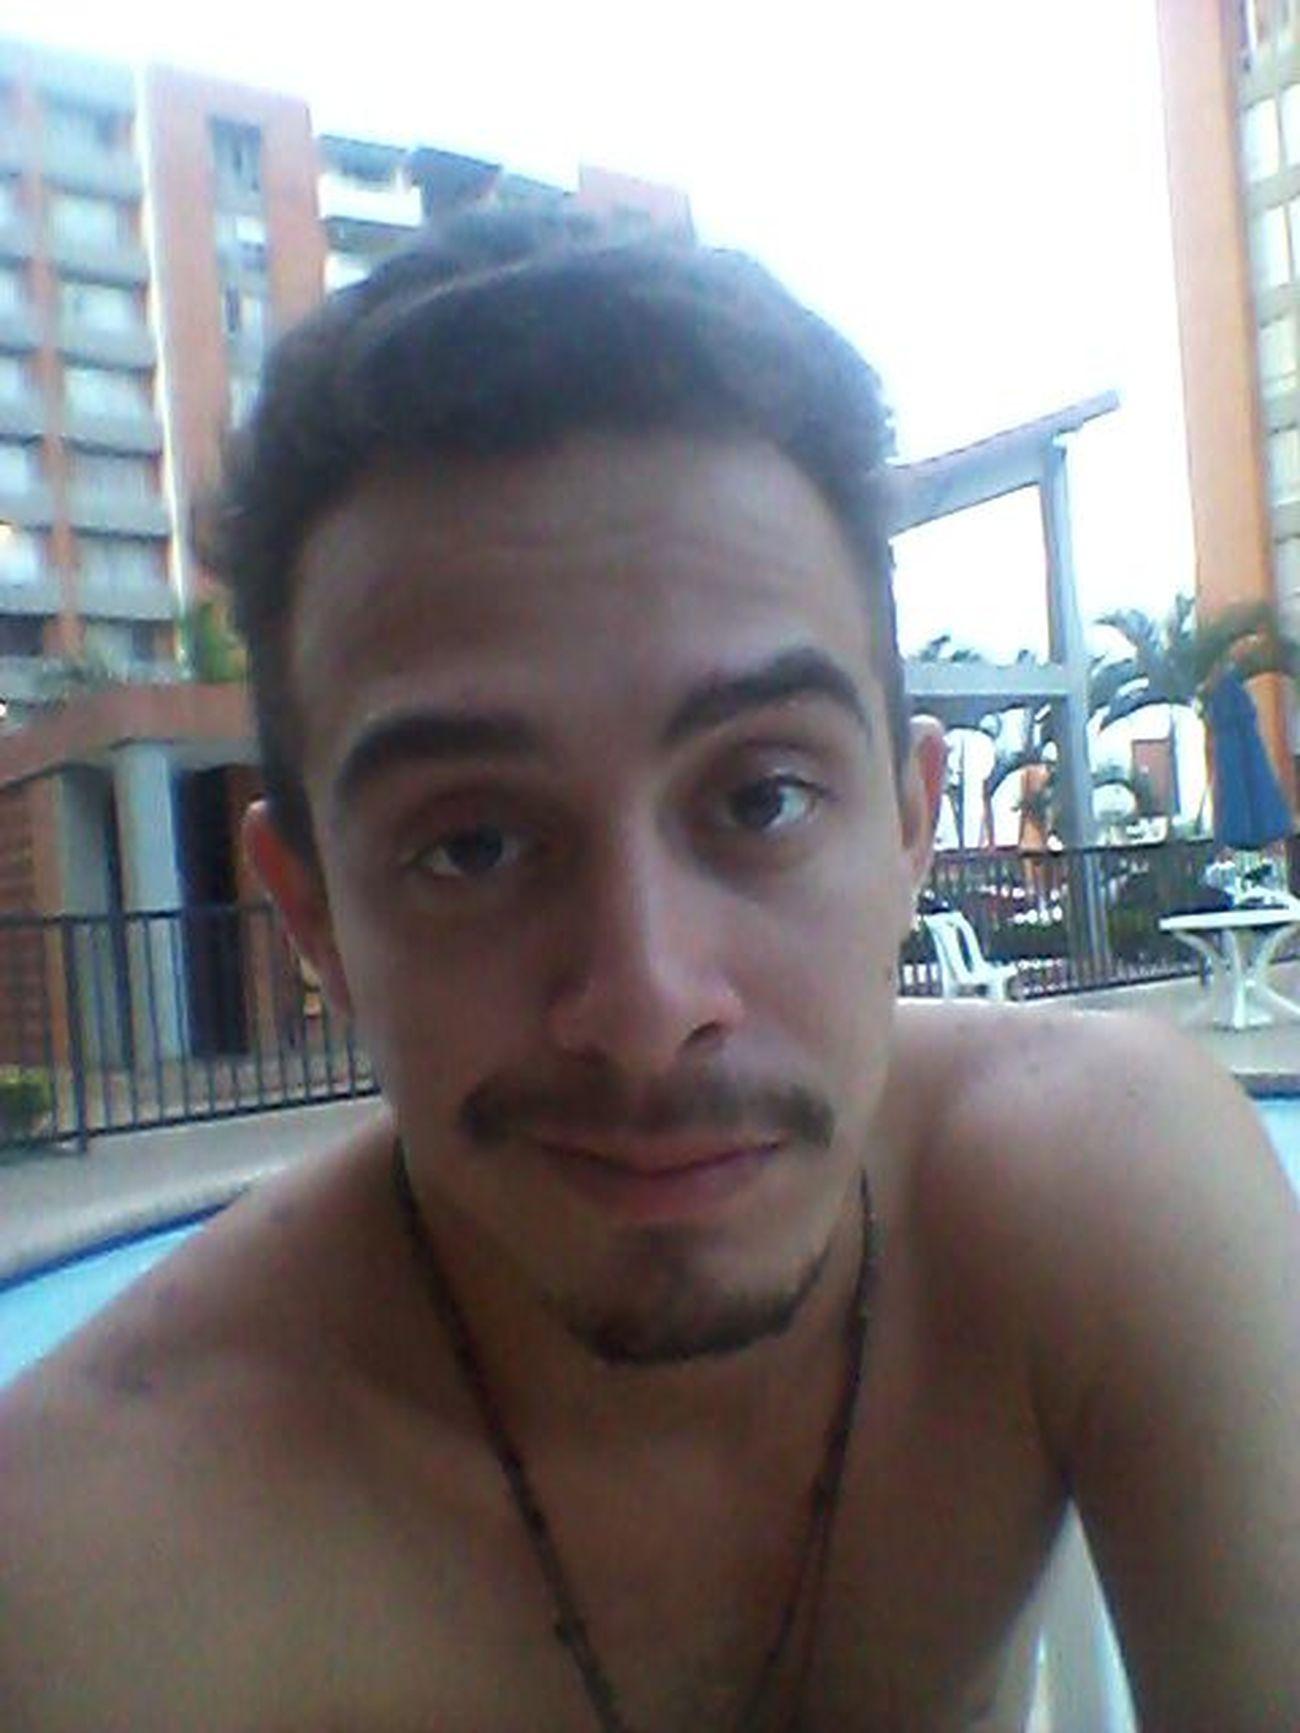 Gayboy Gaypool Gay Sexyboy